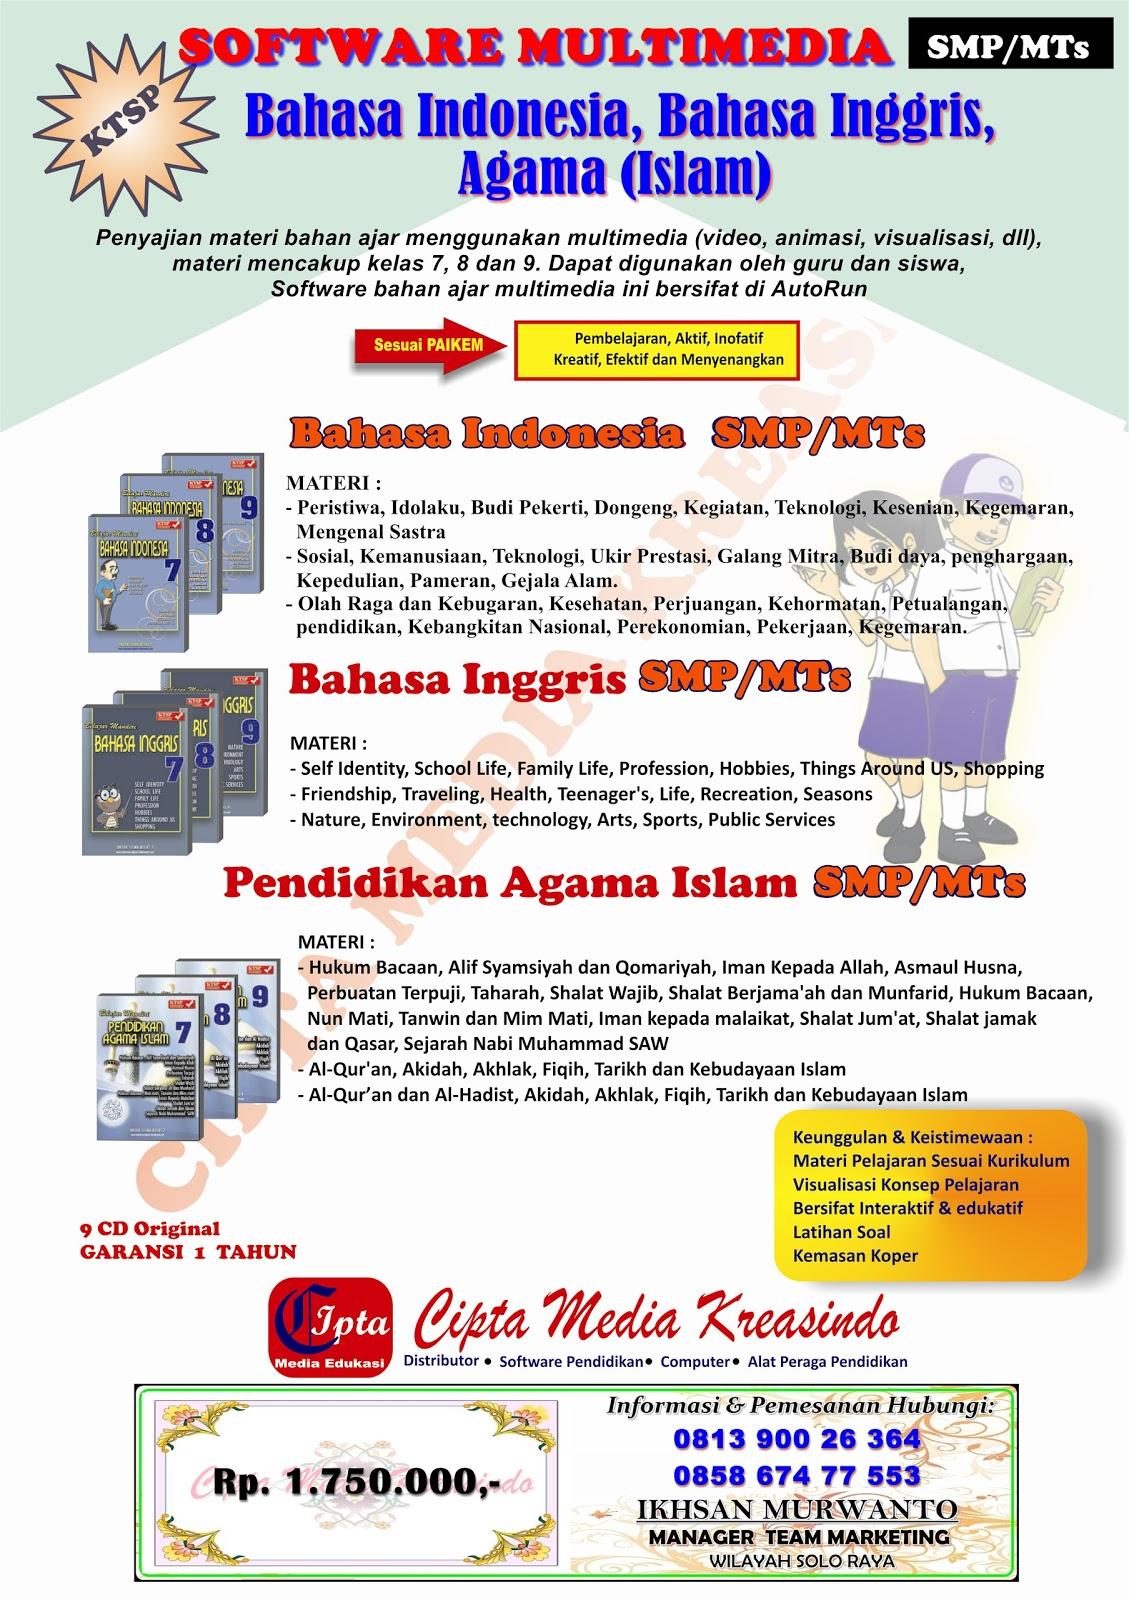 Penelitian Tindakan Kelas Bahasa Indonesia Smp Penelitian Tindakan Kelas Ptk Contoh Karya Tulis Pelajaran Bahasa Indonesia Bahasa Inggris Agama Islam Kelas 789